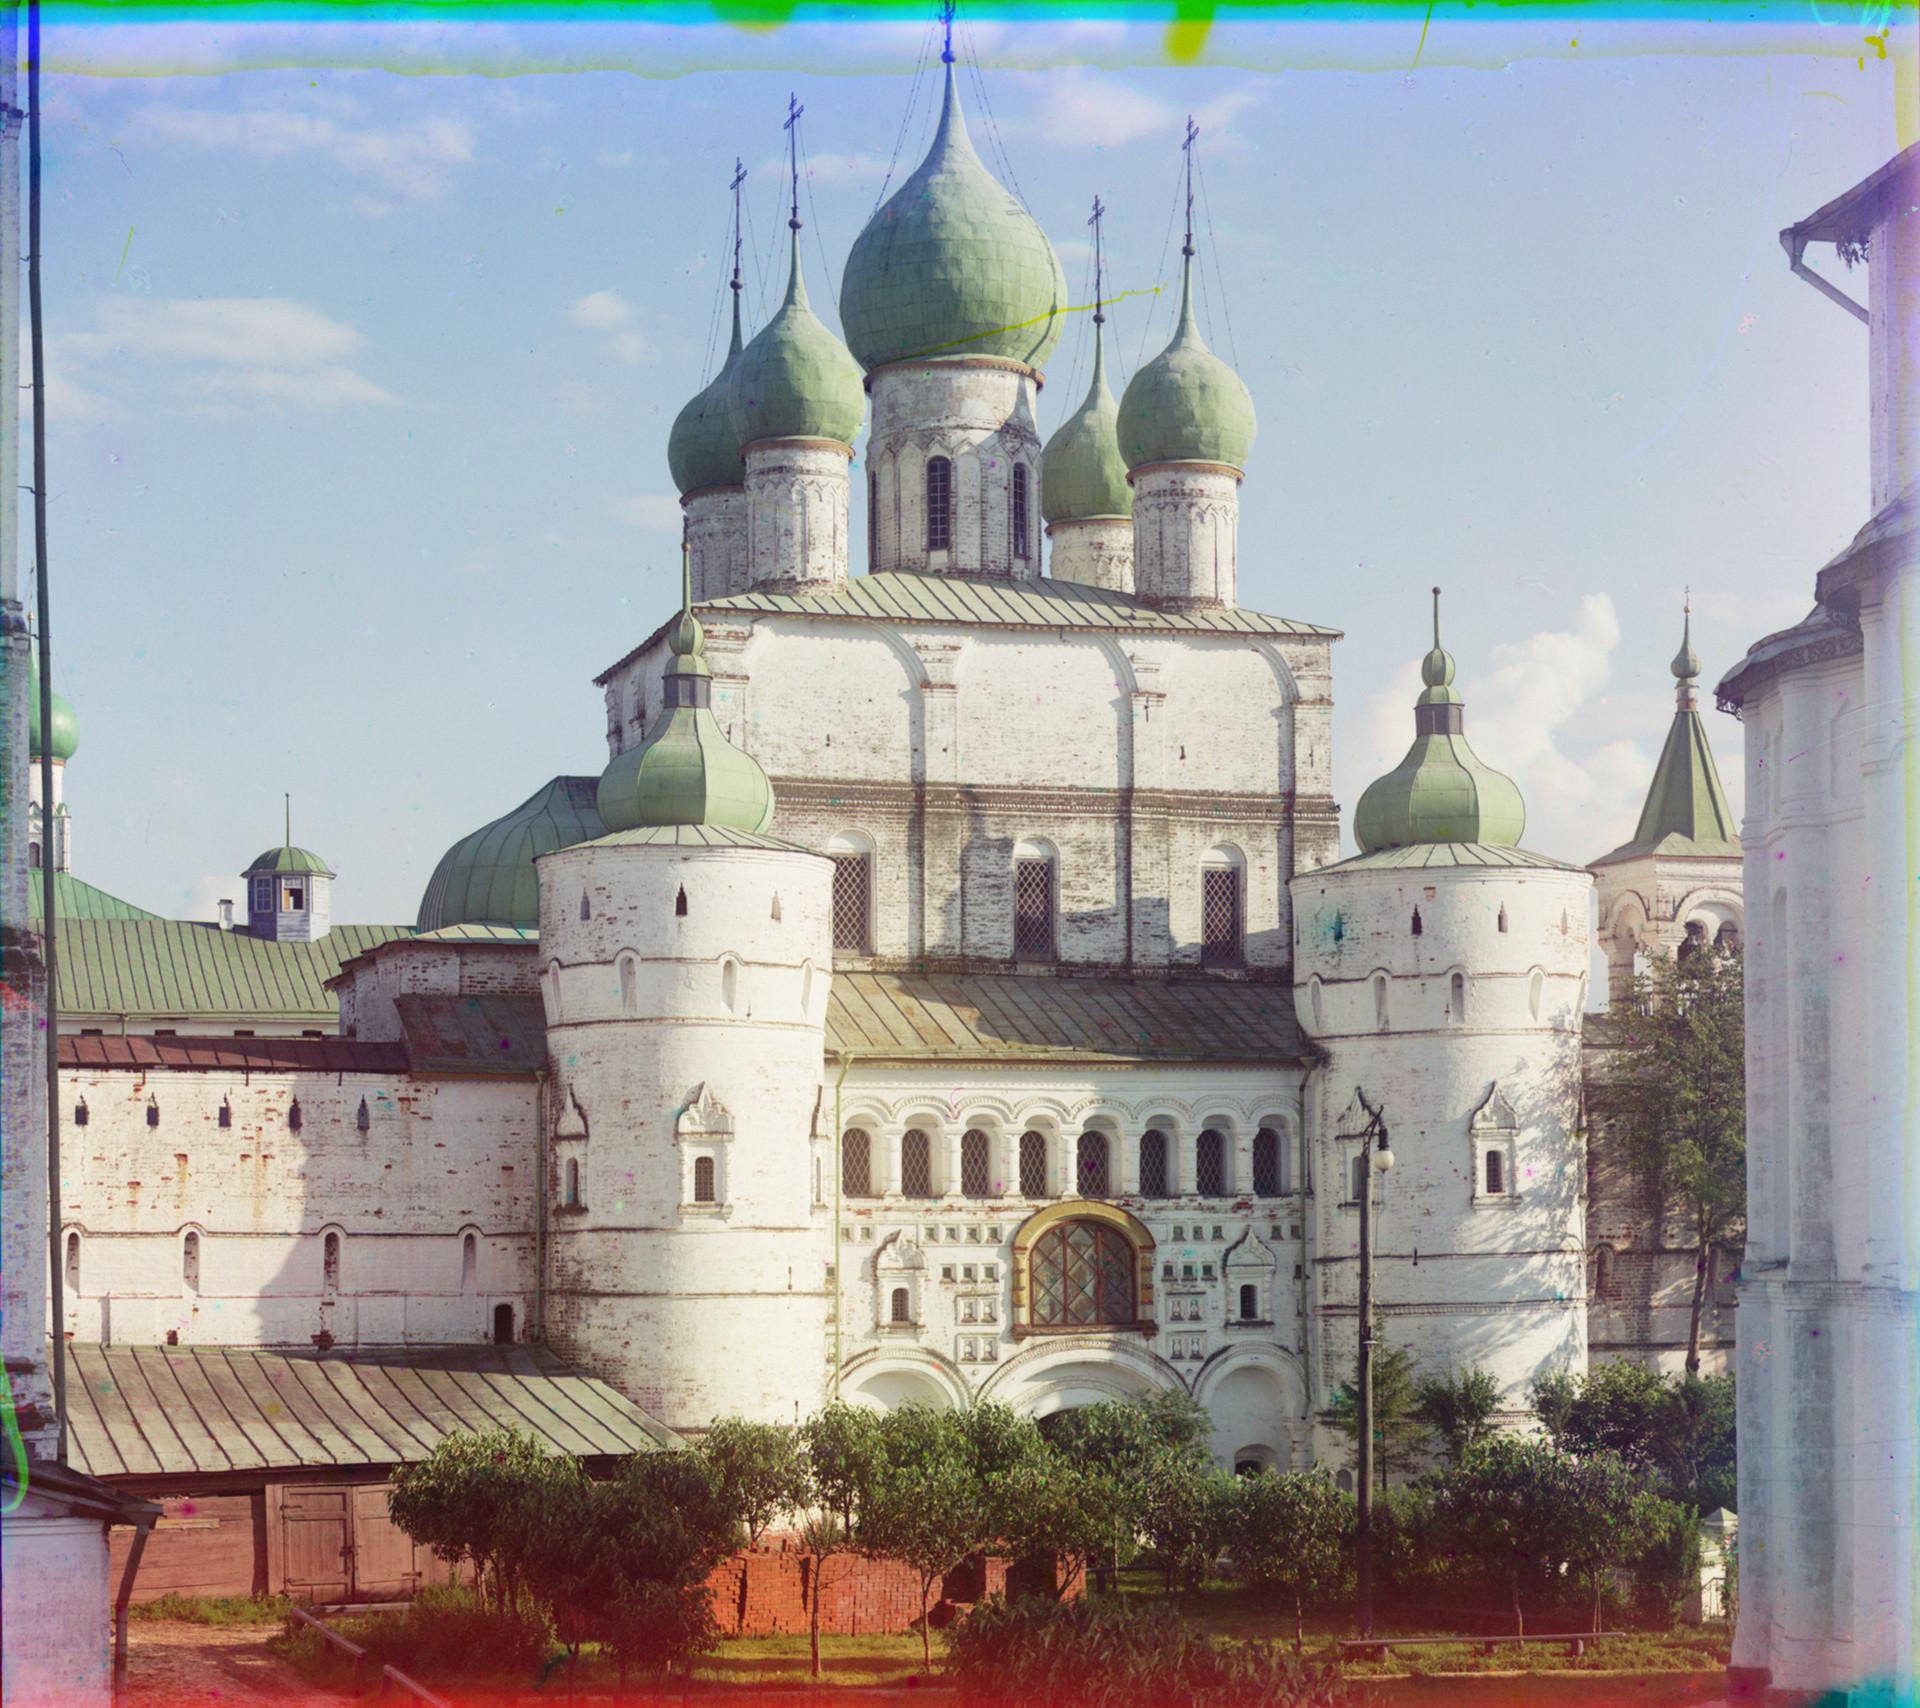 復活教会(北門の上方)。北の景観。右側はウスペンスキー聖堂の後陣。1911年夏。